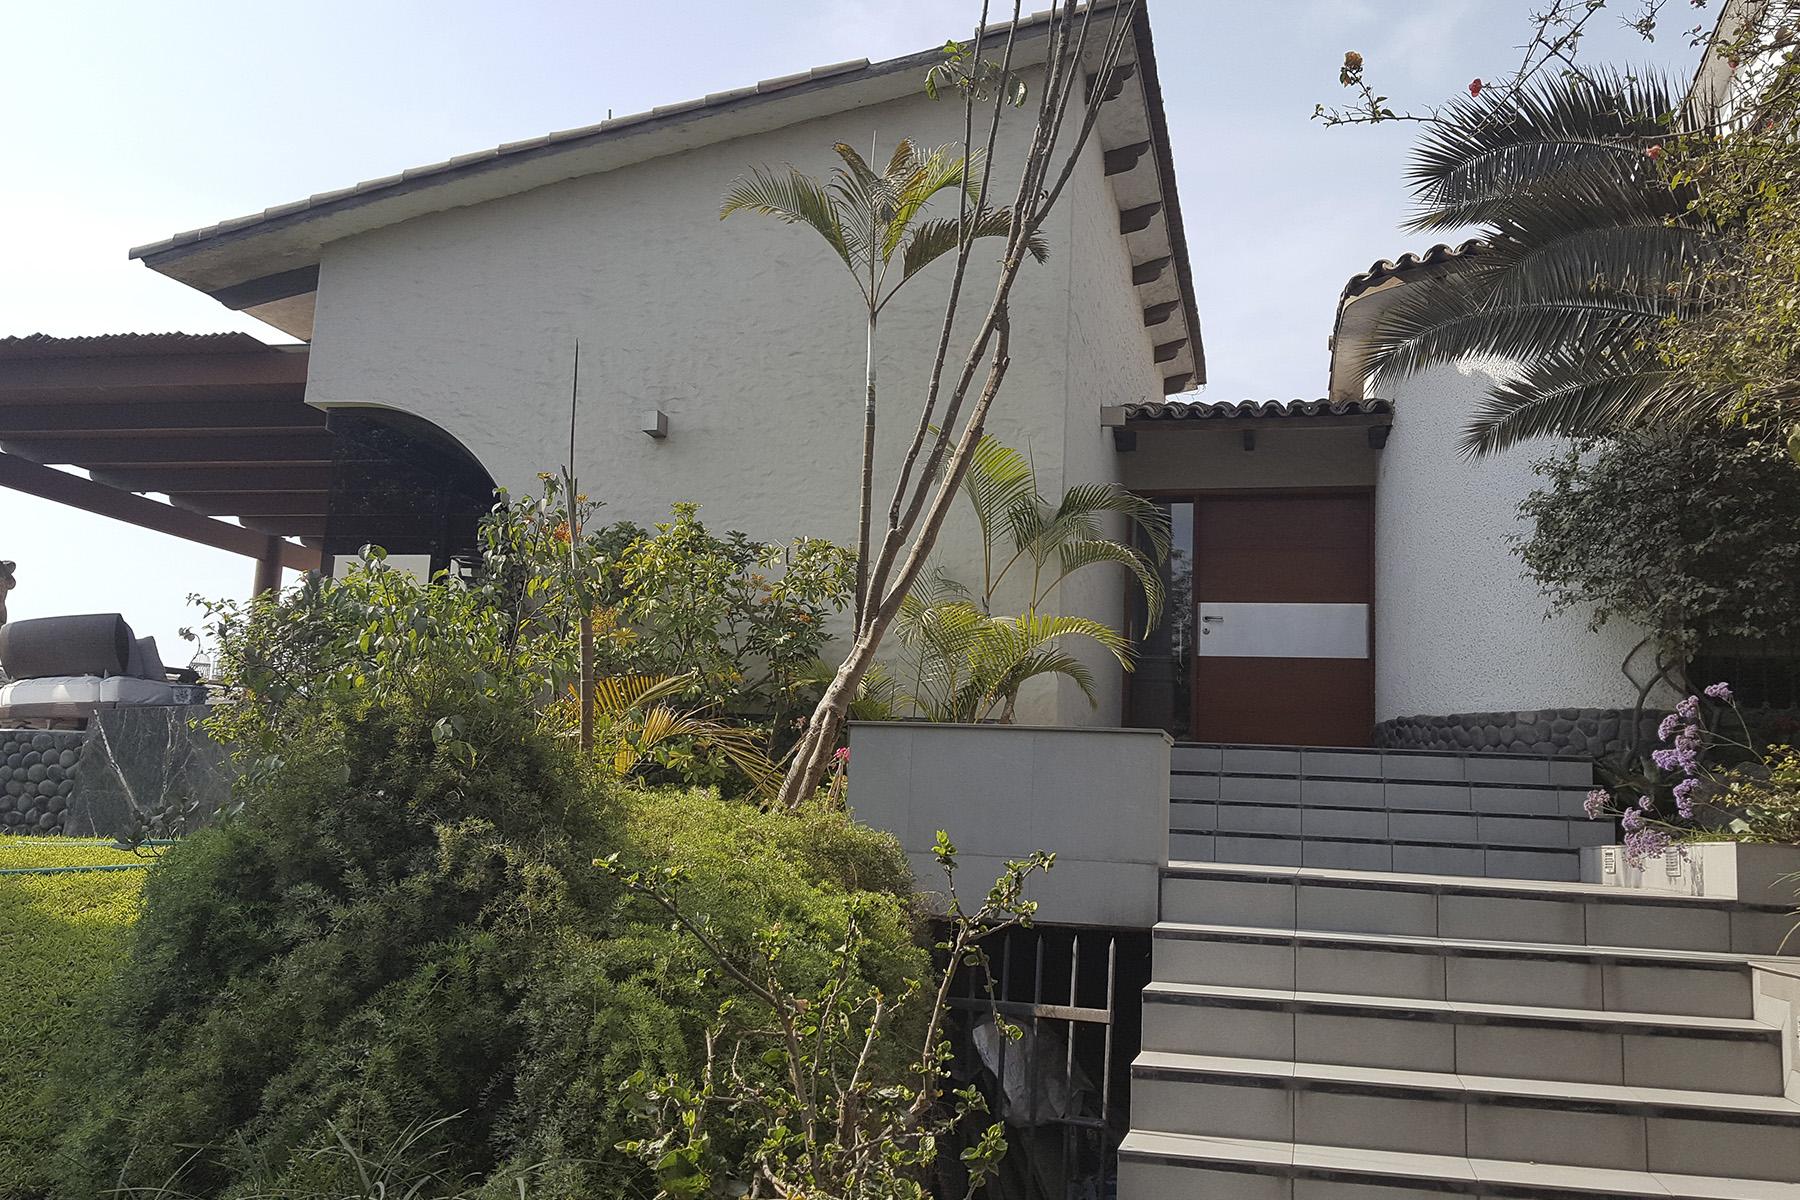 多户住宅 为 销售 在 Magnificent house with privileged view, located in exclusive area of Rinconada A Monte Real 秘鲁其他地方, 秘鲁其他地方 12 秘鲁